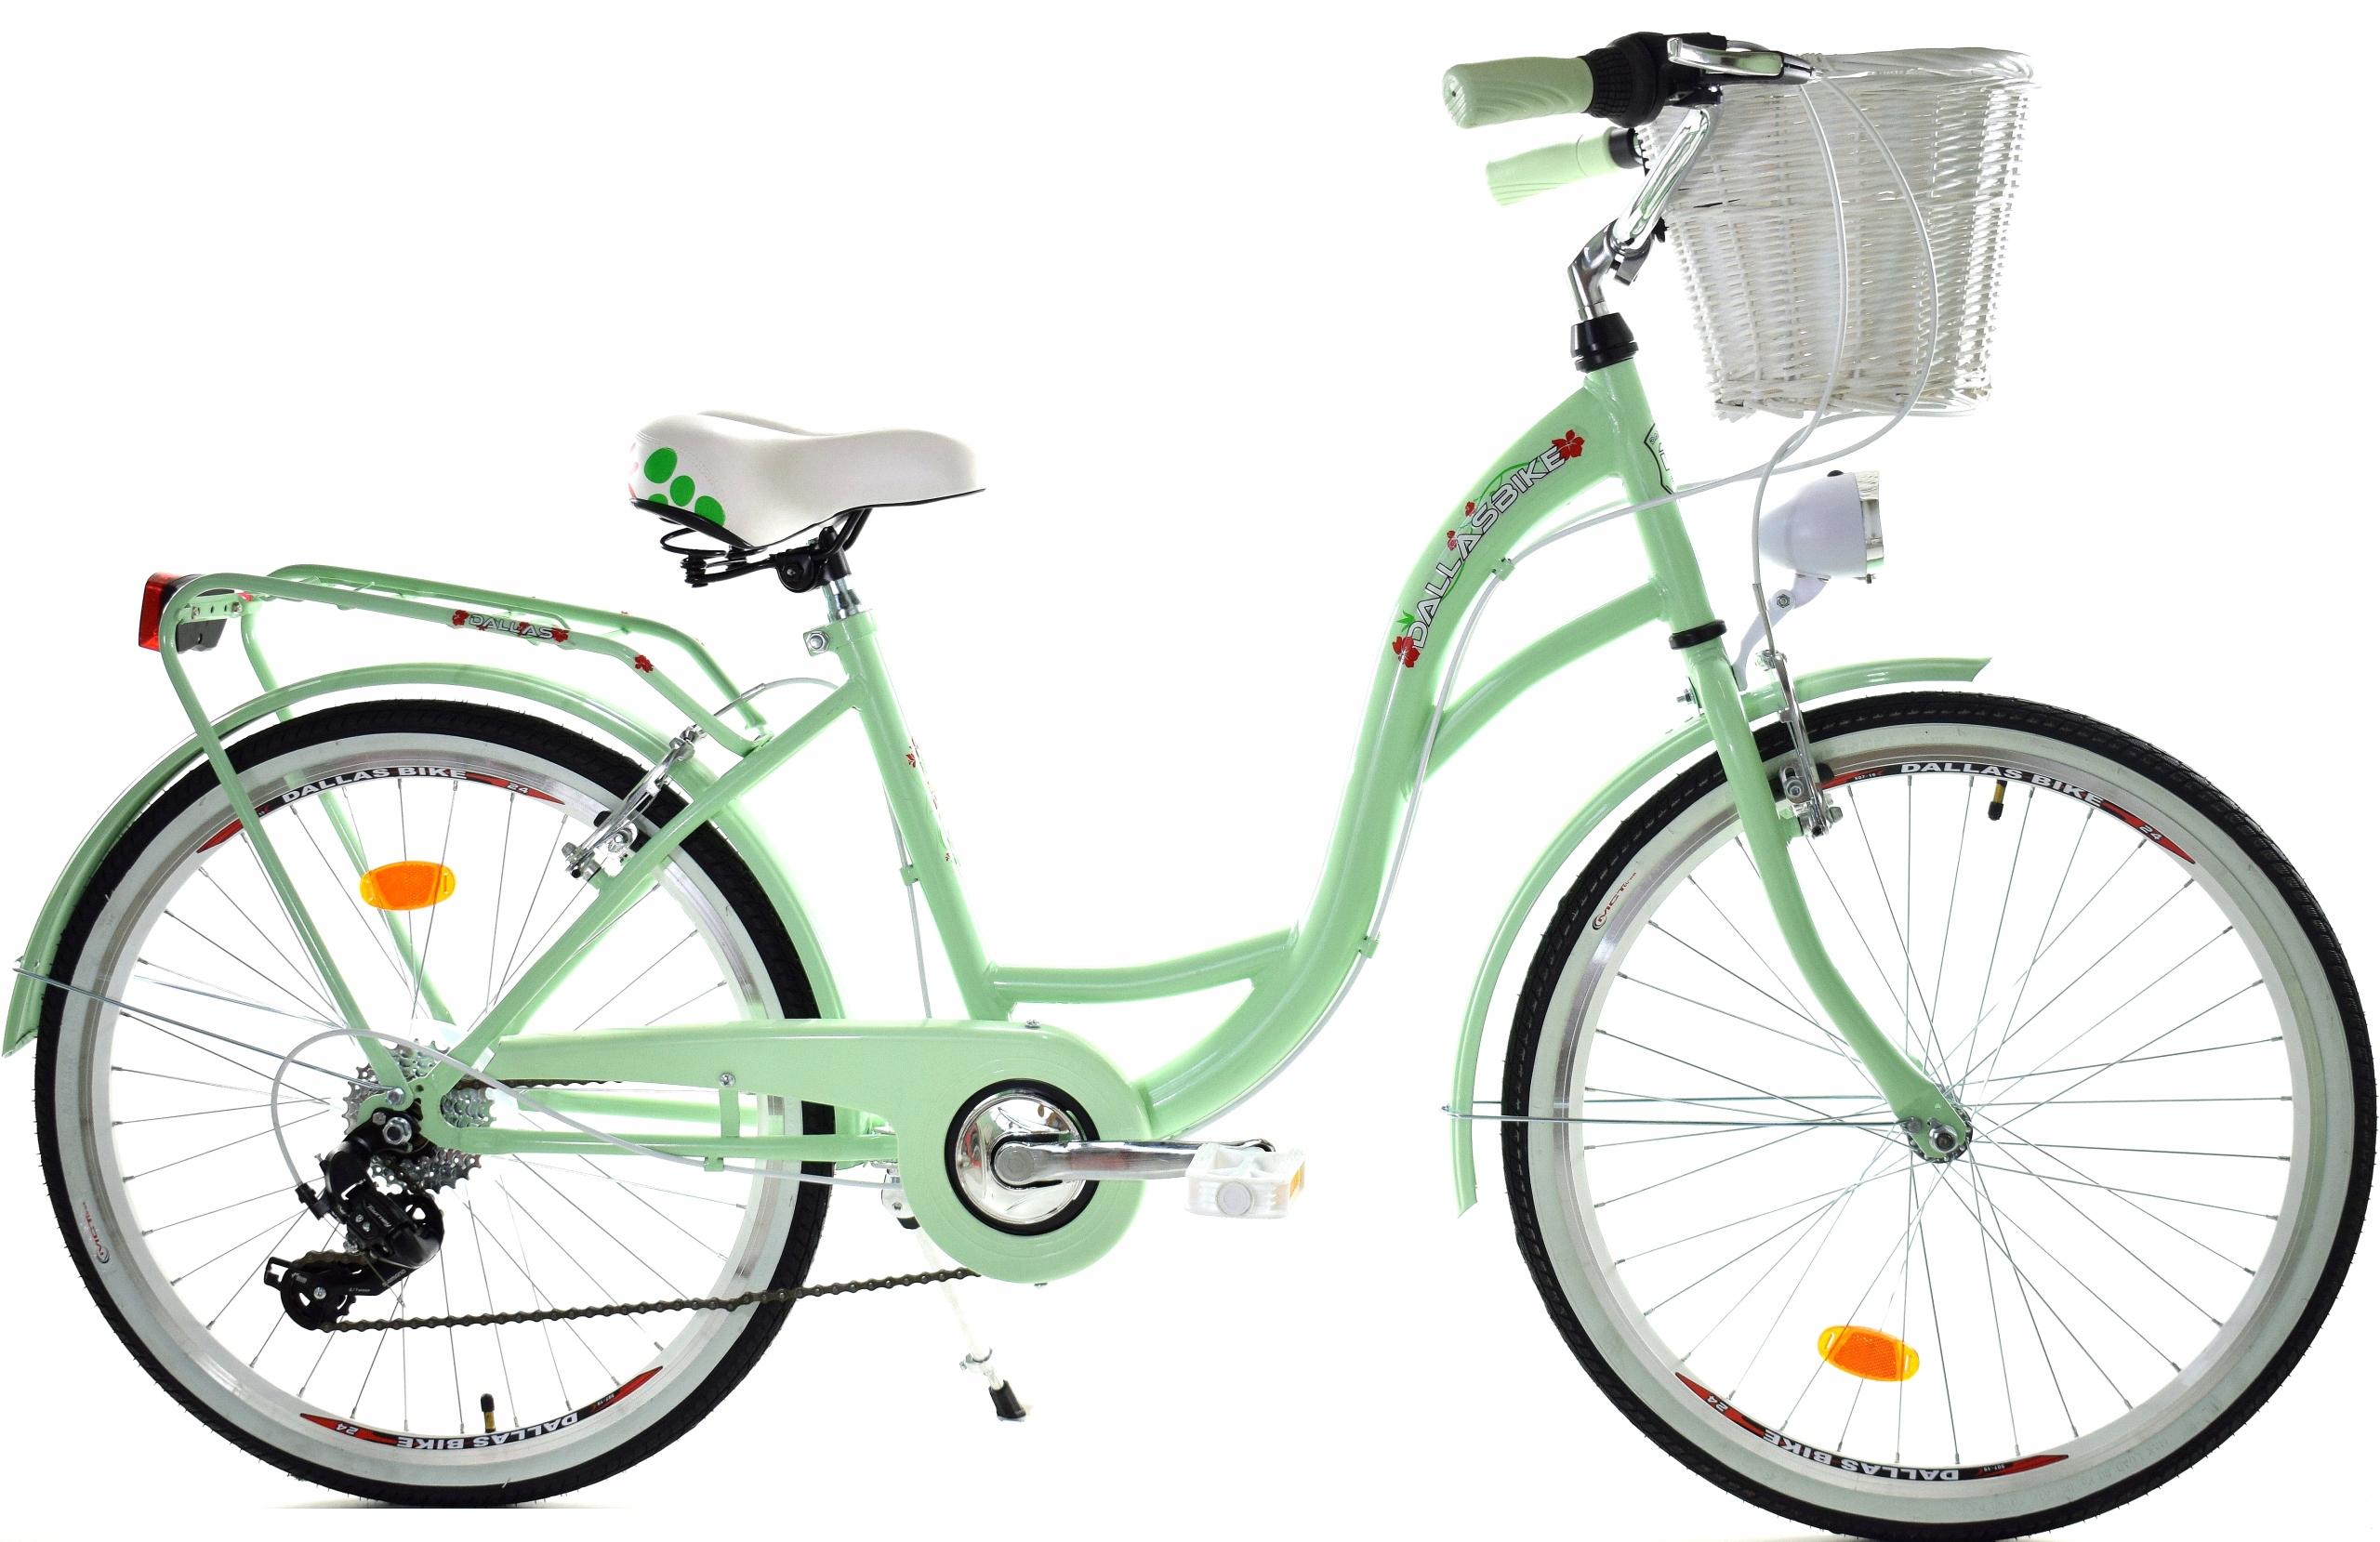 Bicykel pre dievča 26 rýchlostí Dallas na prijímanie Farba biela